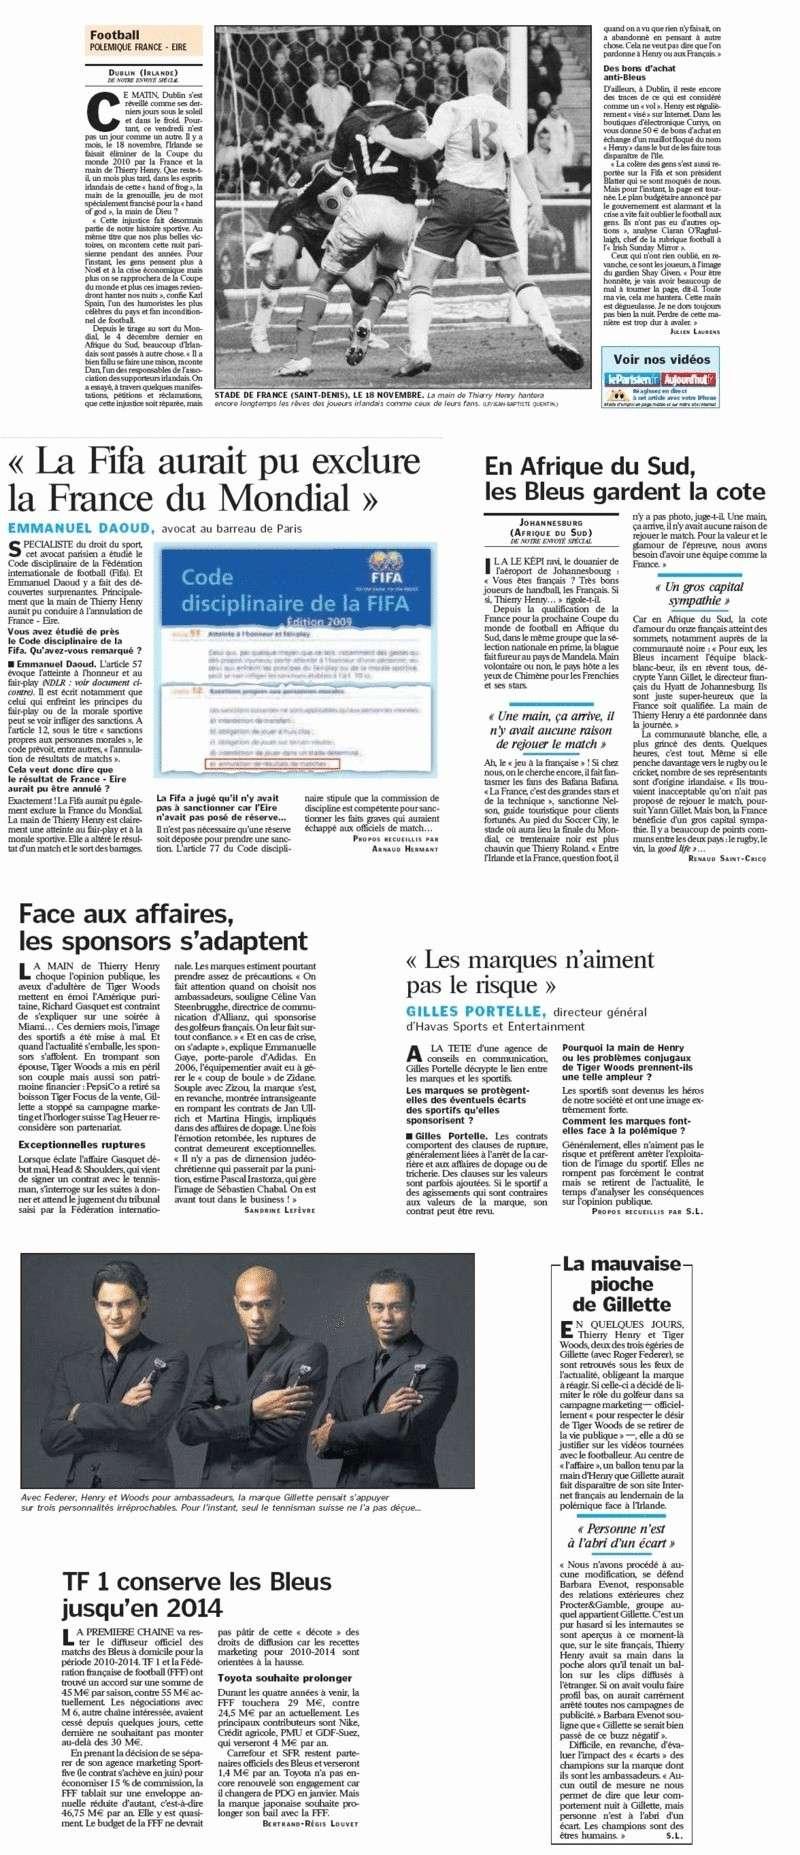 [Matchs de barrage] Eire - France {0-1} et France - Eire {1-1 ap} - Page 15 Sans_t19